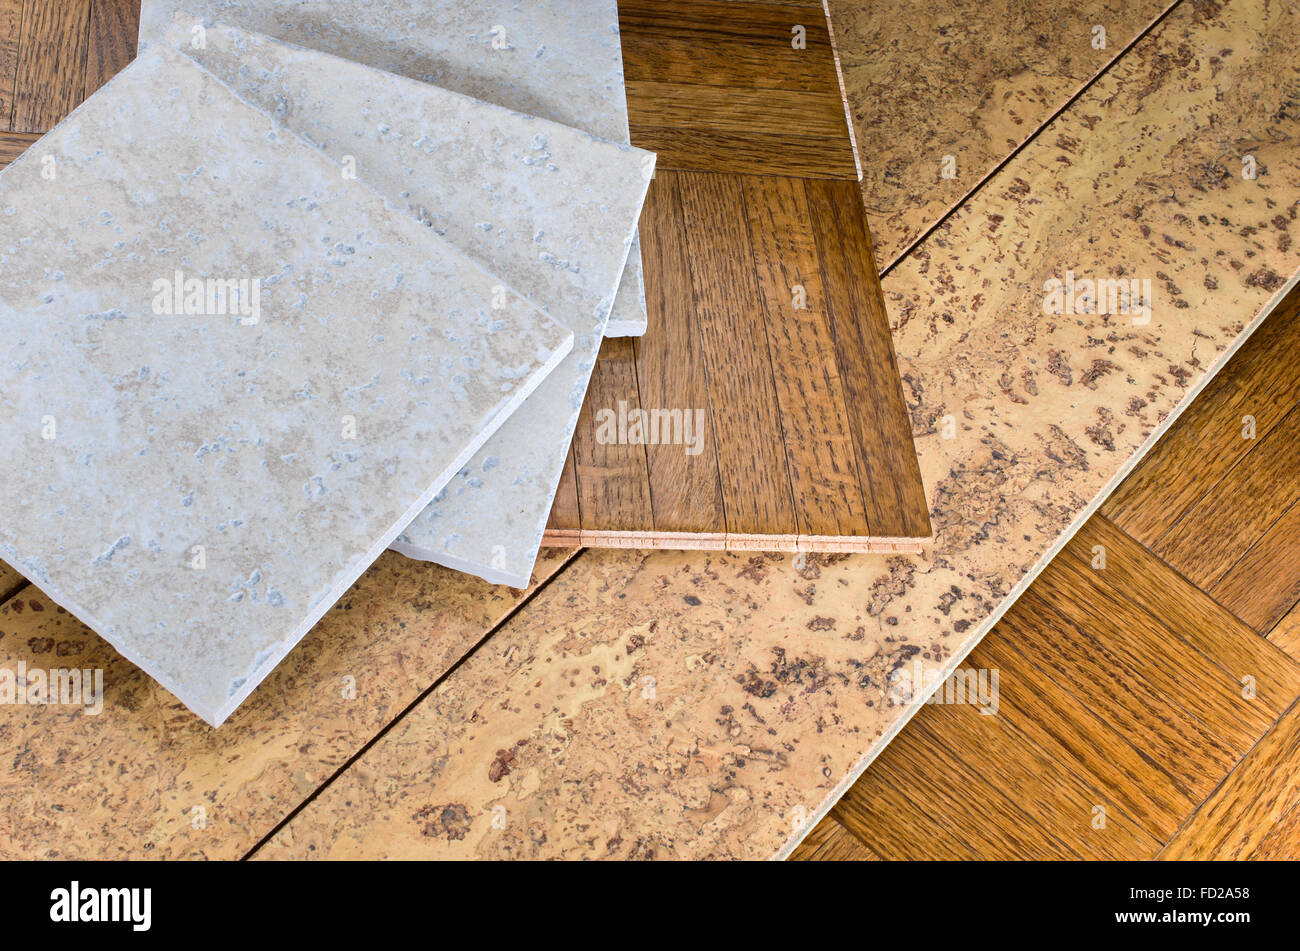 Losetas de corcho para suelos latest suelos de corcho with losetas de corcho para suelos - Corcho para suelos ...